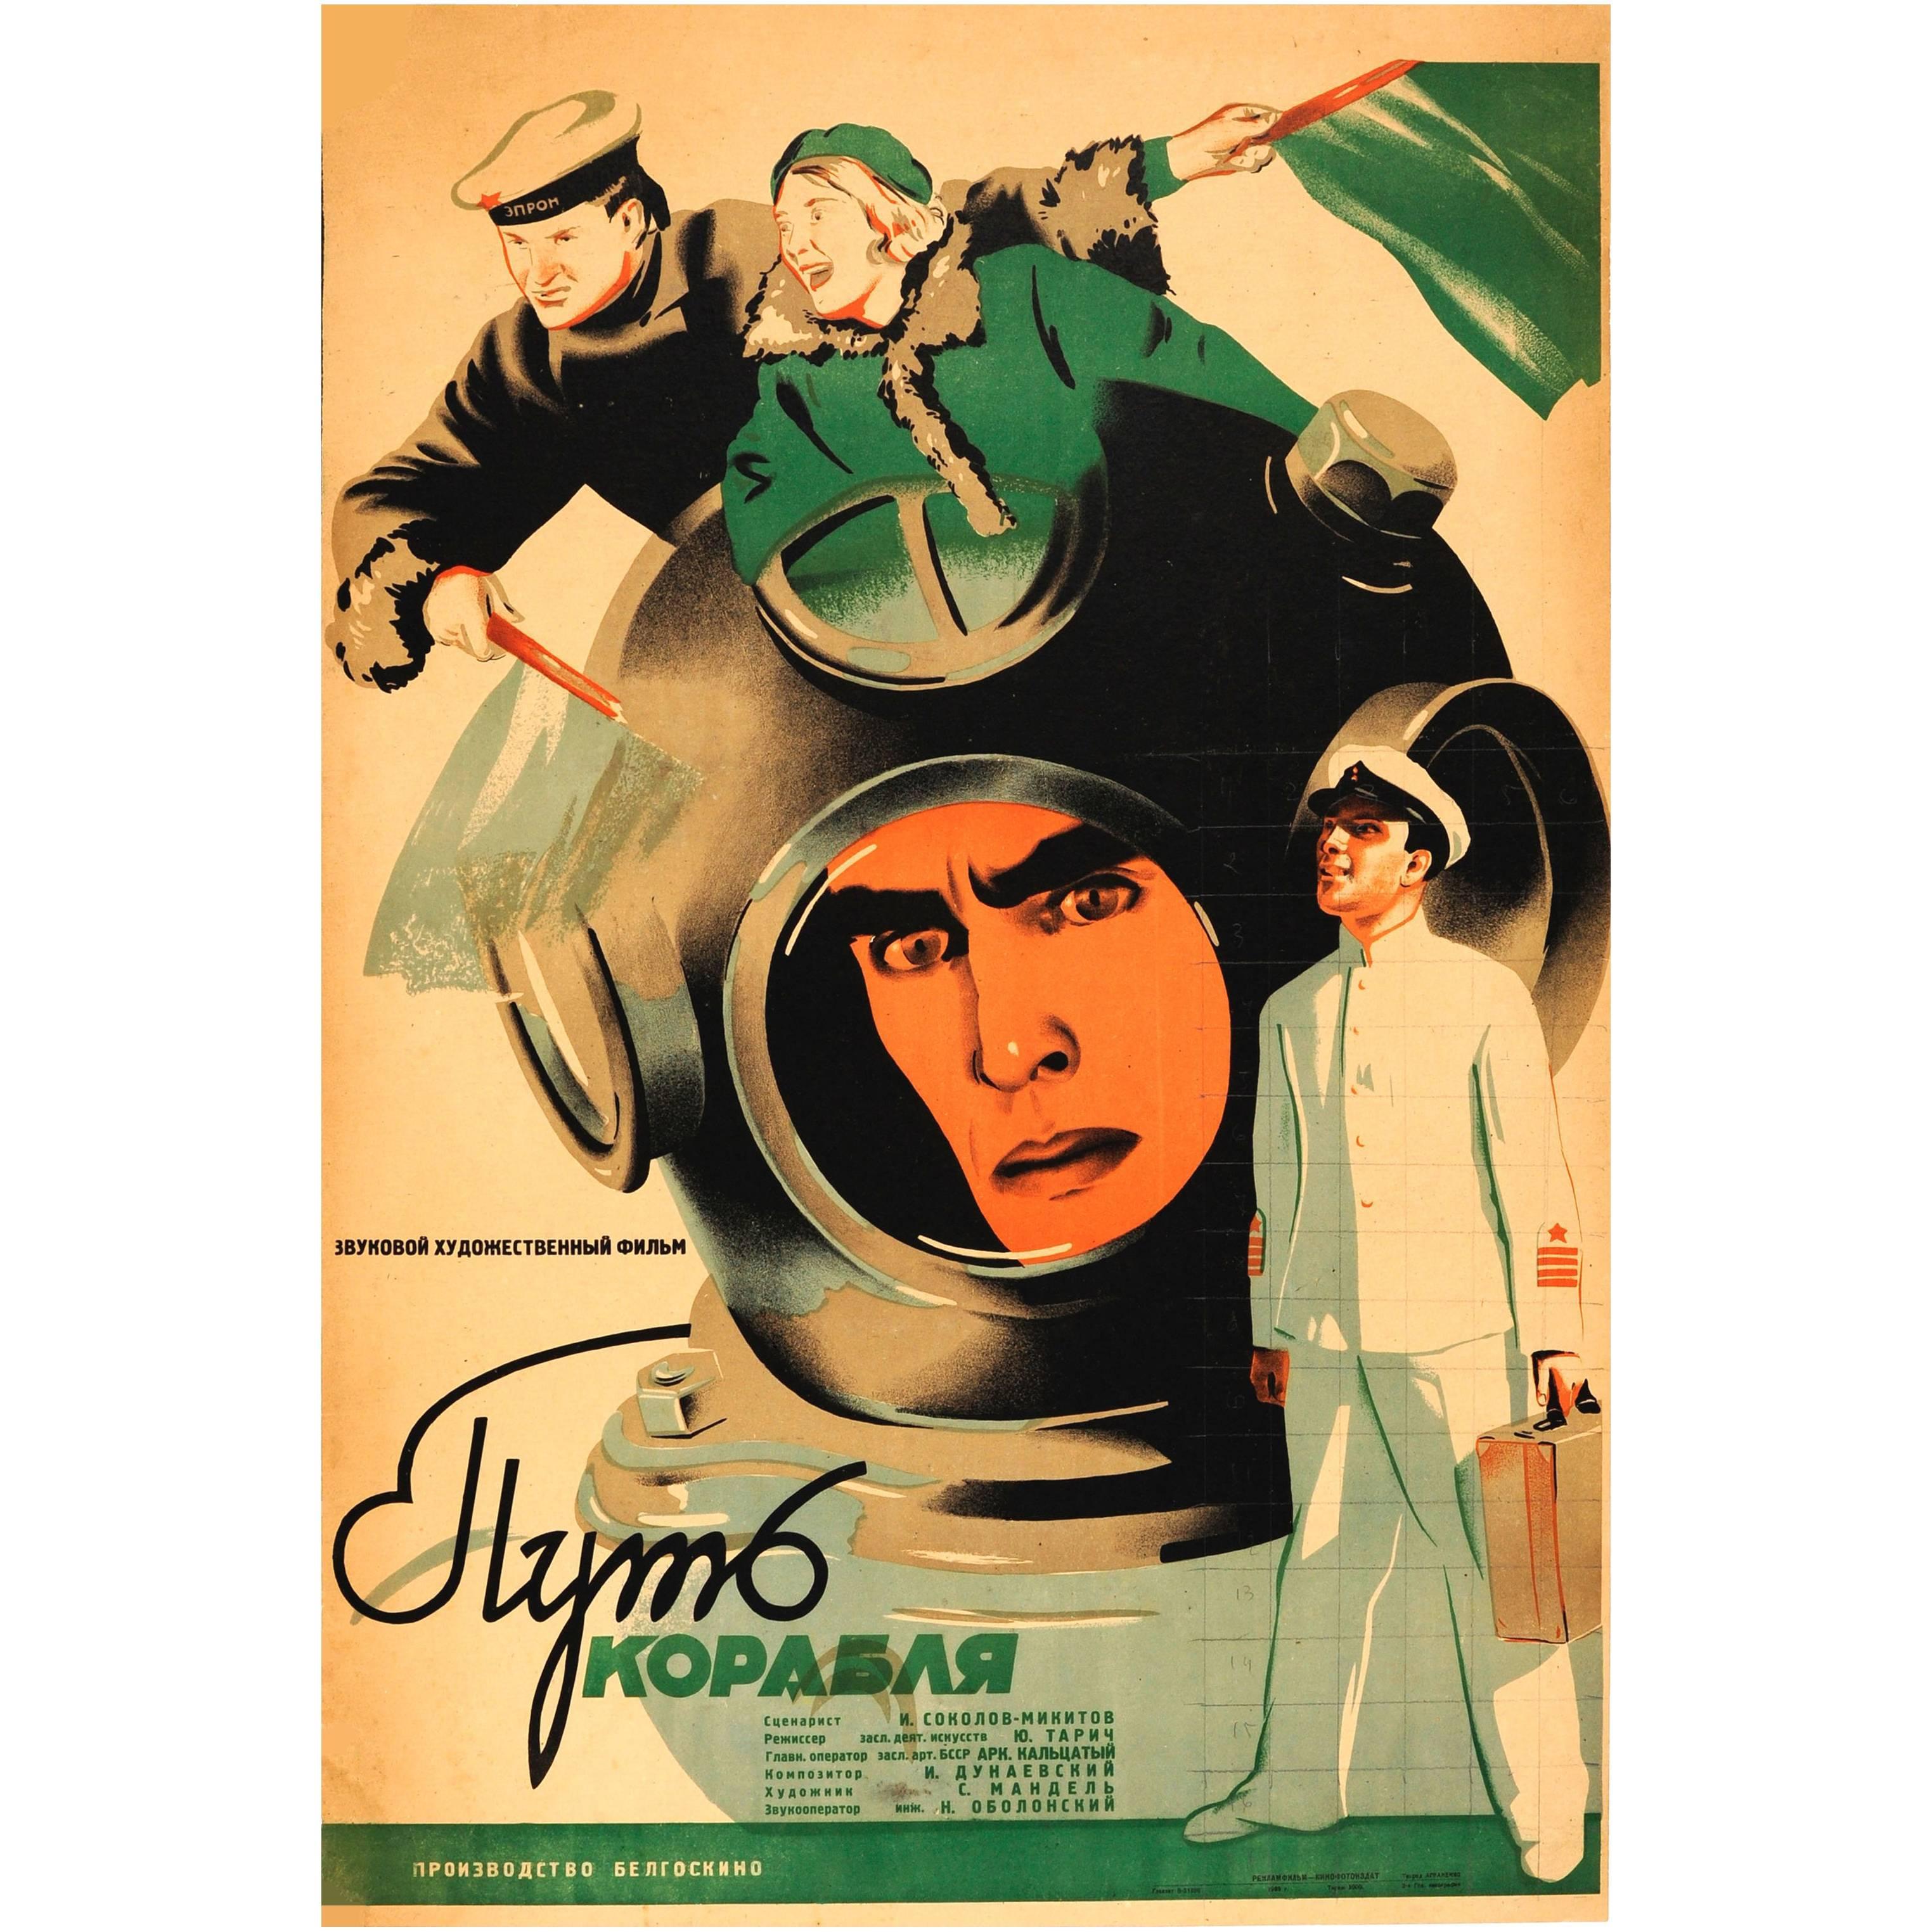 Original Vintage Soviet Movie Poster for a Scuba Rescue Film 'Course of a Ship'